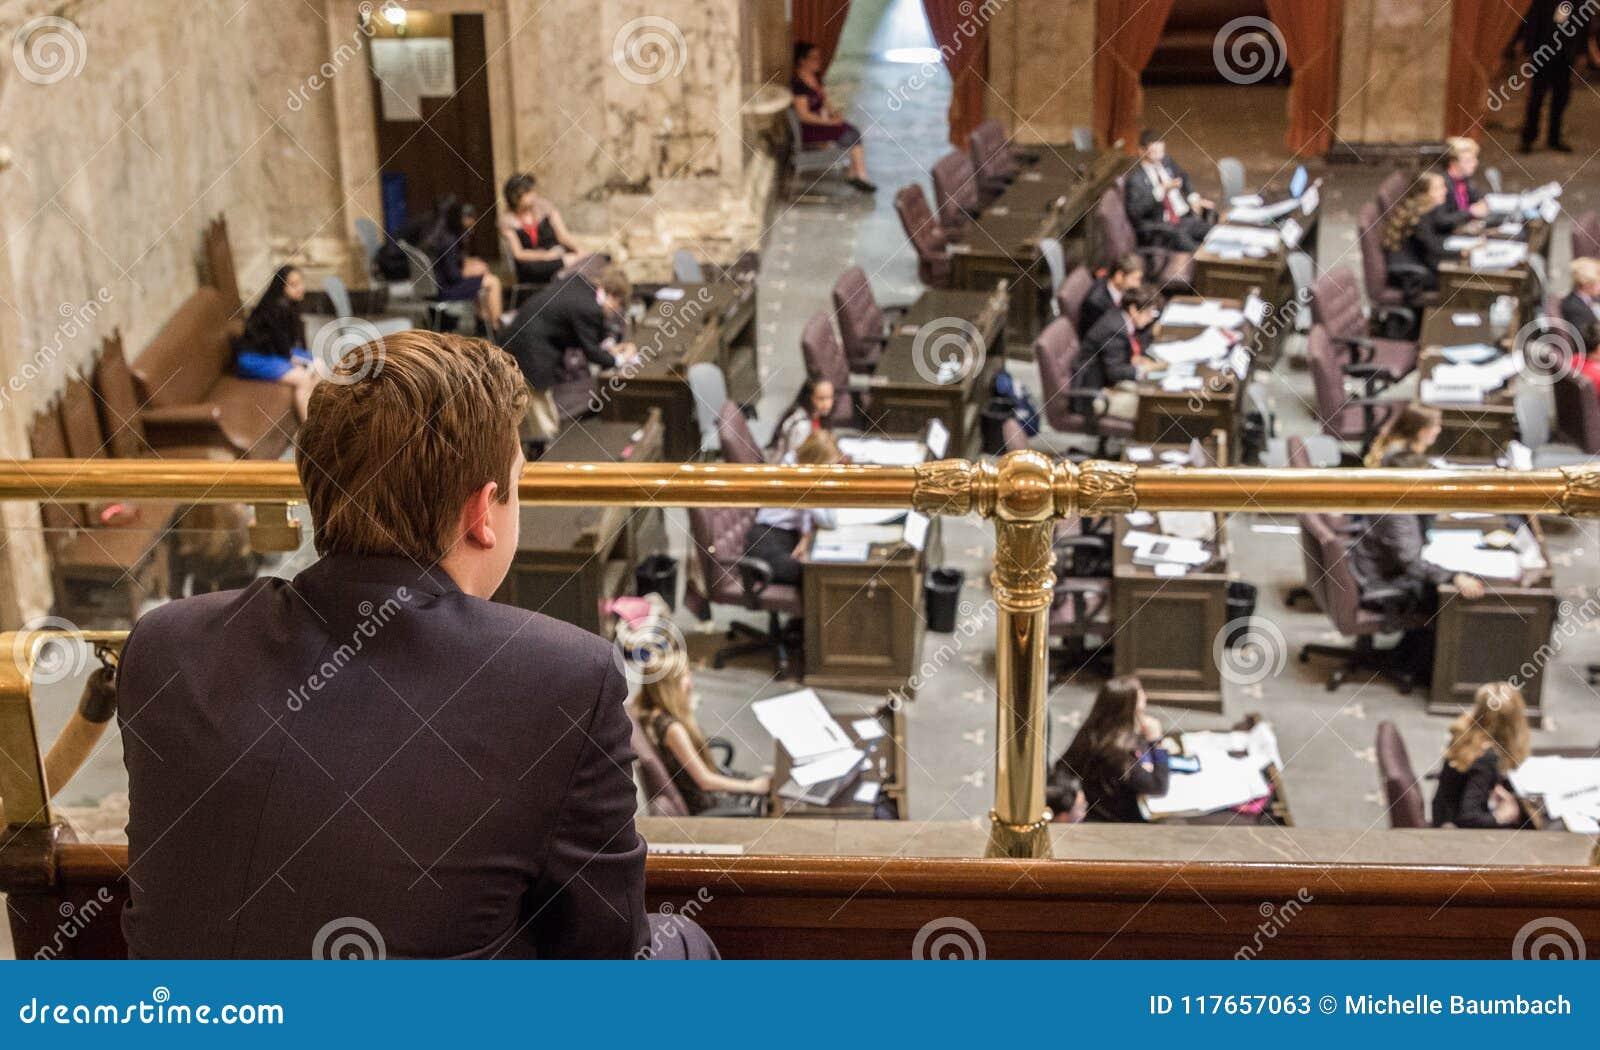 Junger Mann sitzt in der Galerie und passt Gesetzgebungsverfahren auf